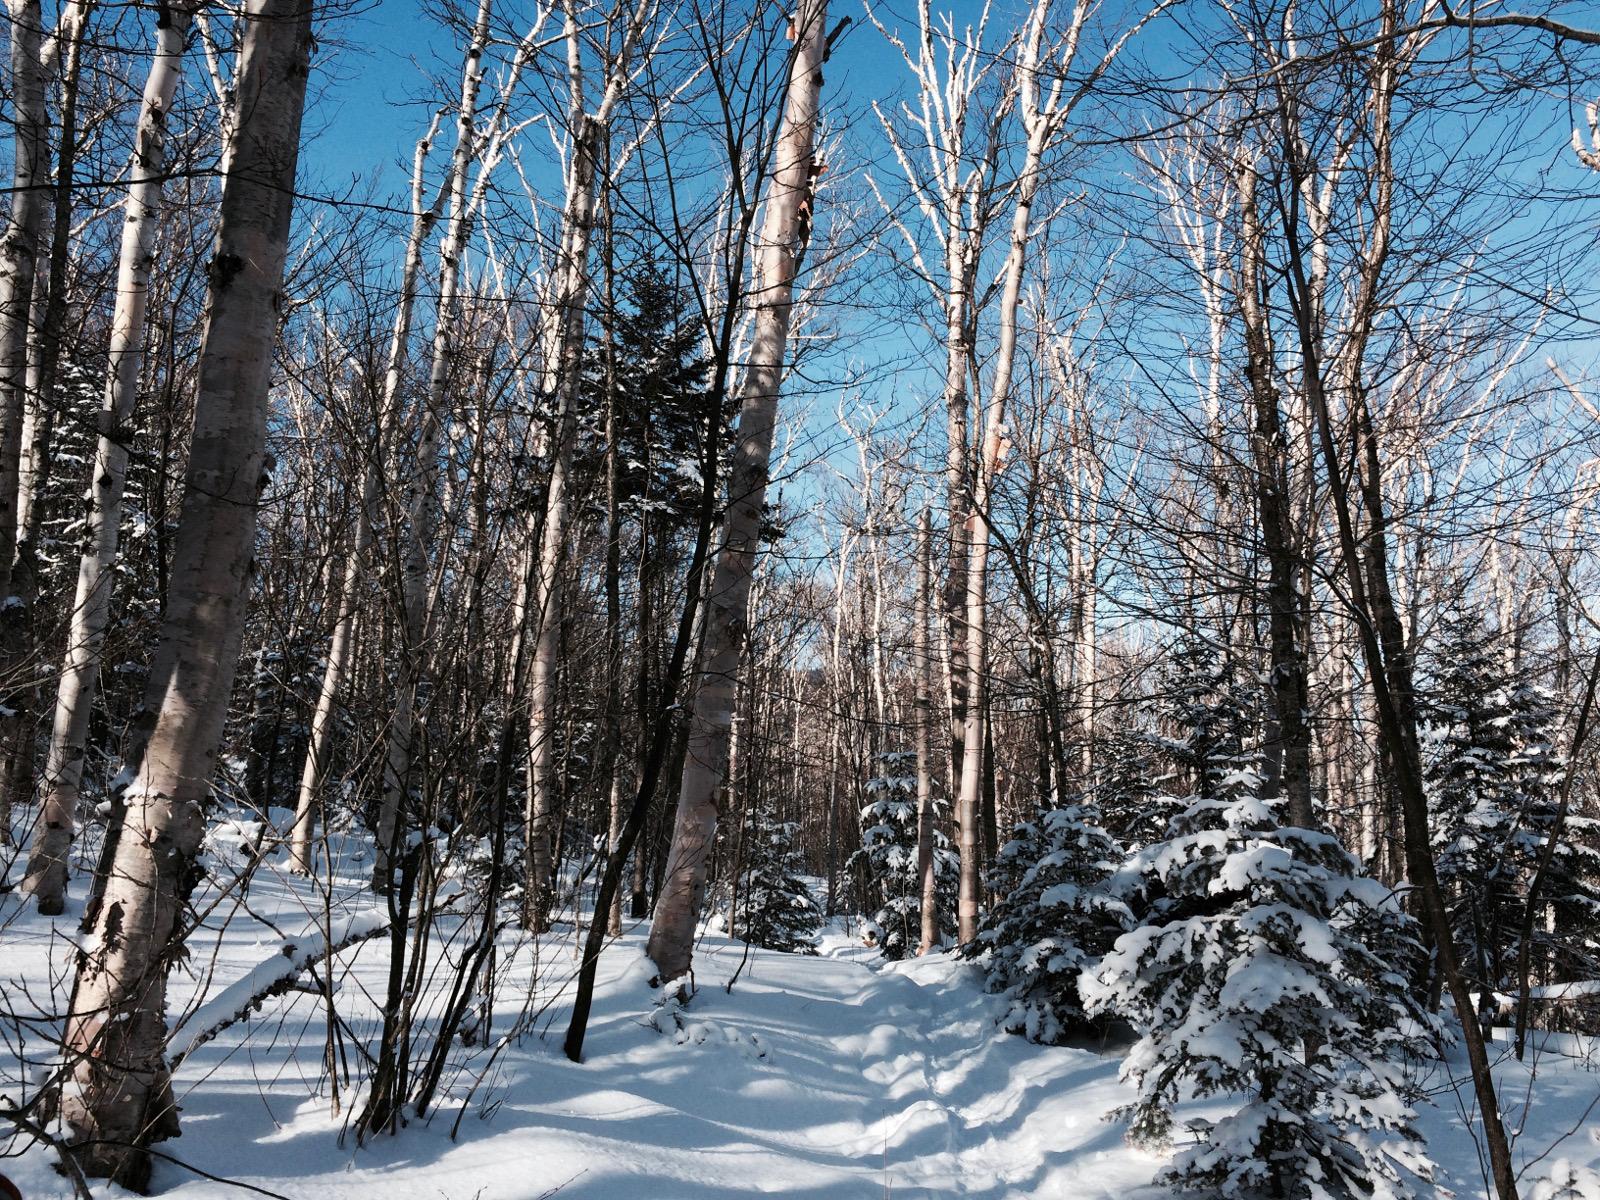 The Klondike Trail in winter